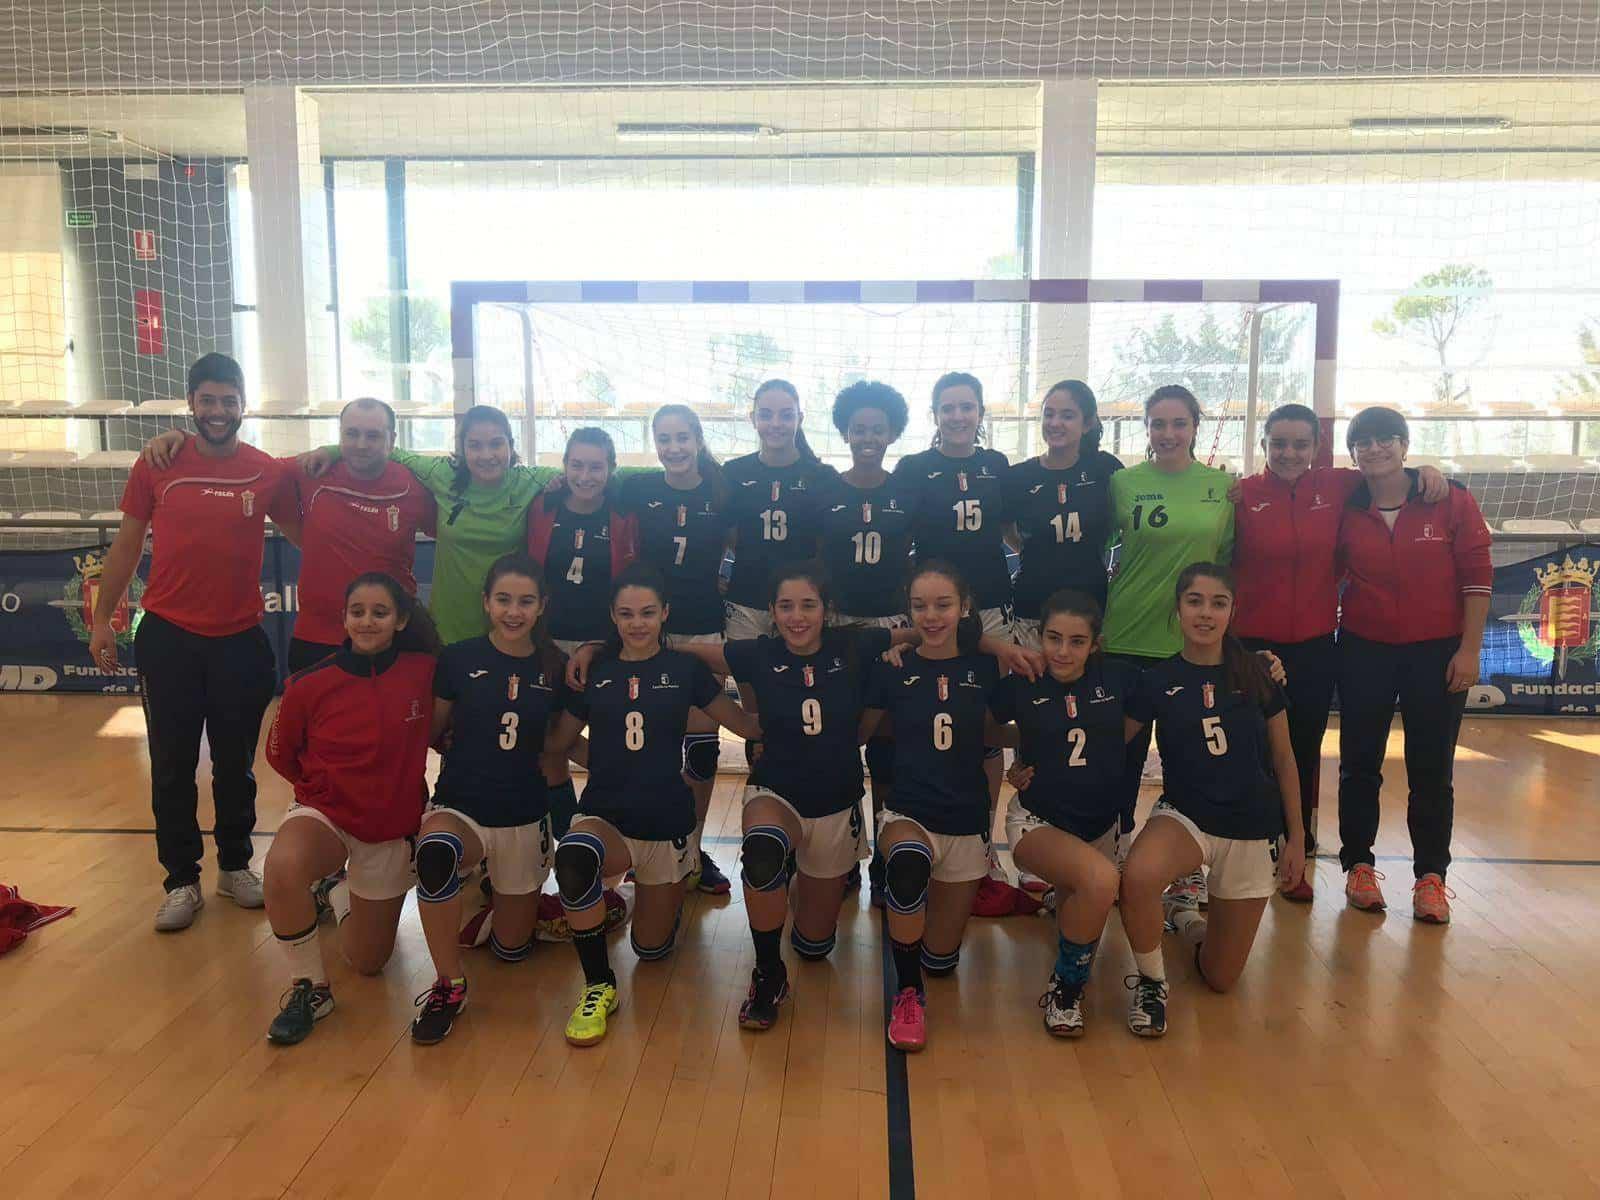 campeonato espana balonmano terriorial masculino - Enhorabuena a los herencianos por sus éxitos en la Copa de España de balonmano